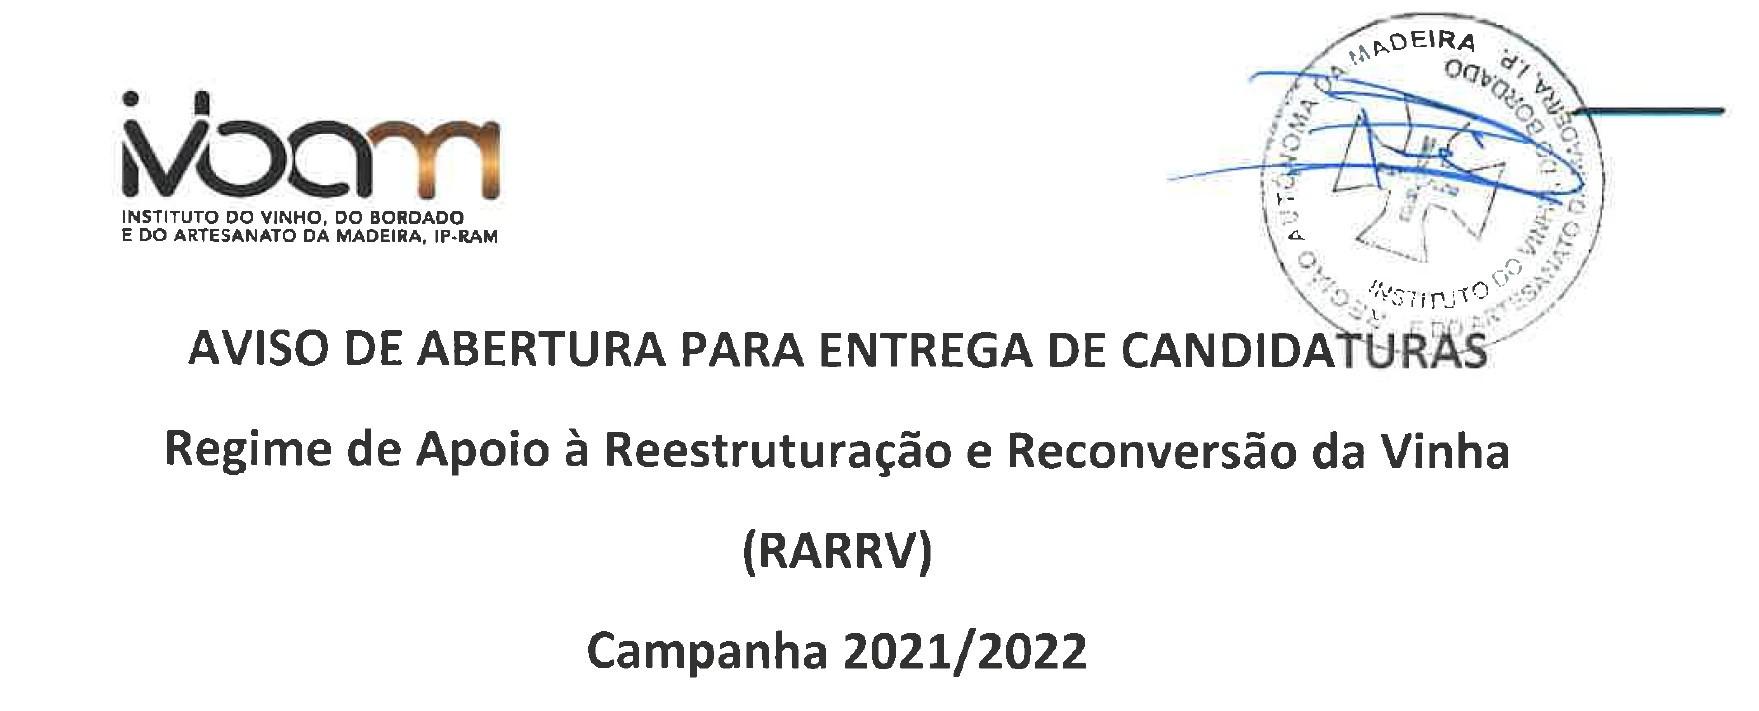 CANDIDATURAS REGIME DE APOIO À REESTRUTURAÇÃO E RECONVERSÃO DA VINHA CAMPANHA 2021/2022